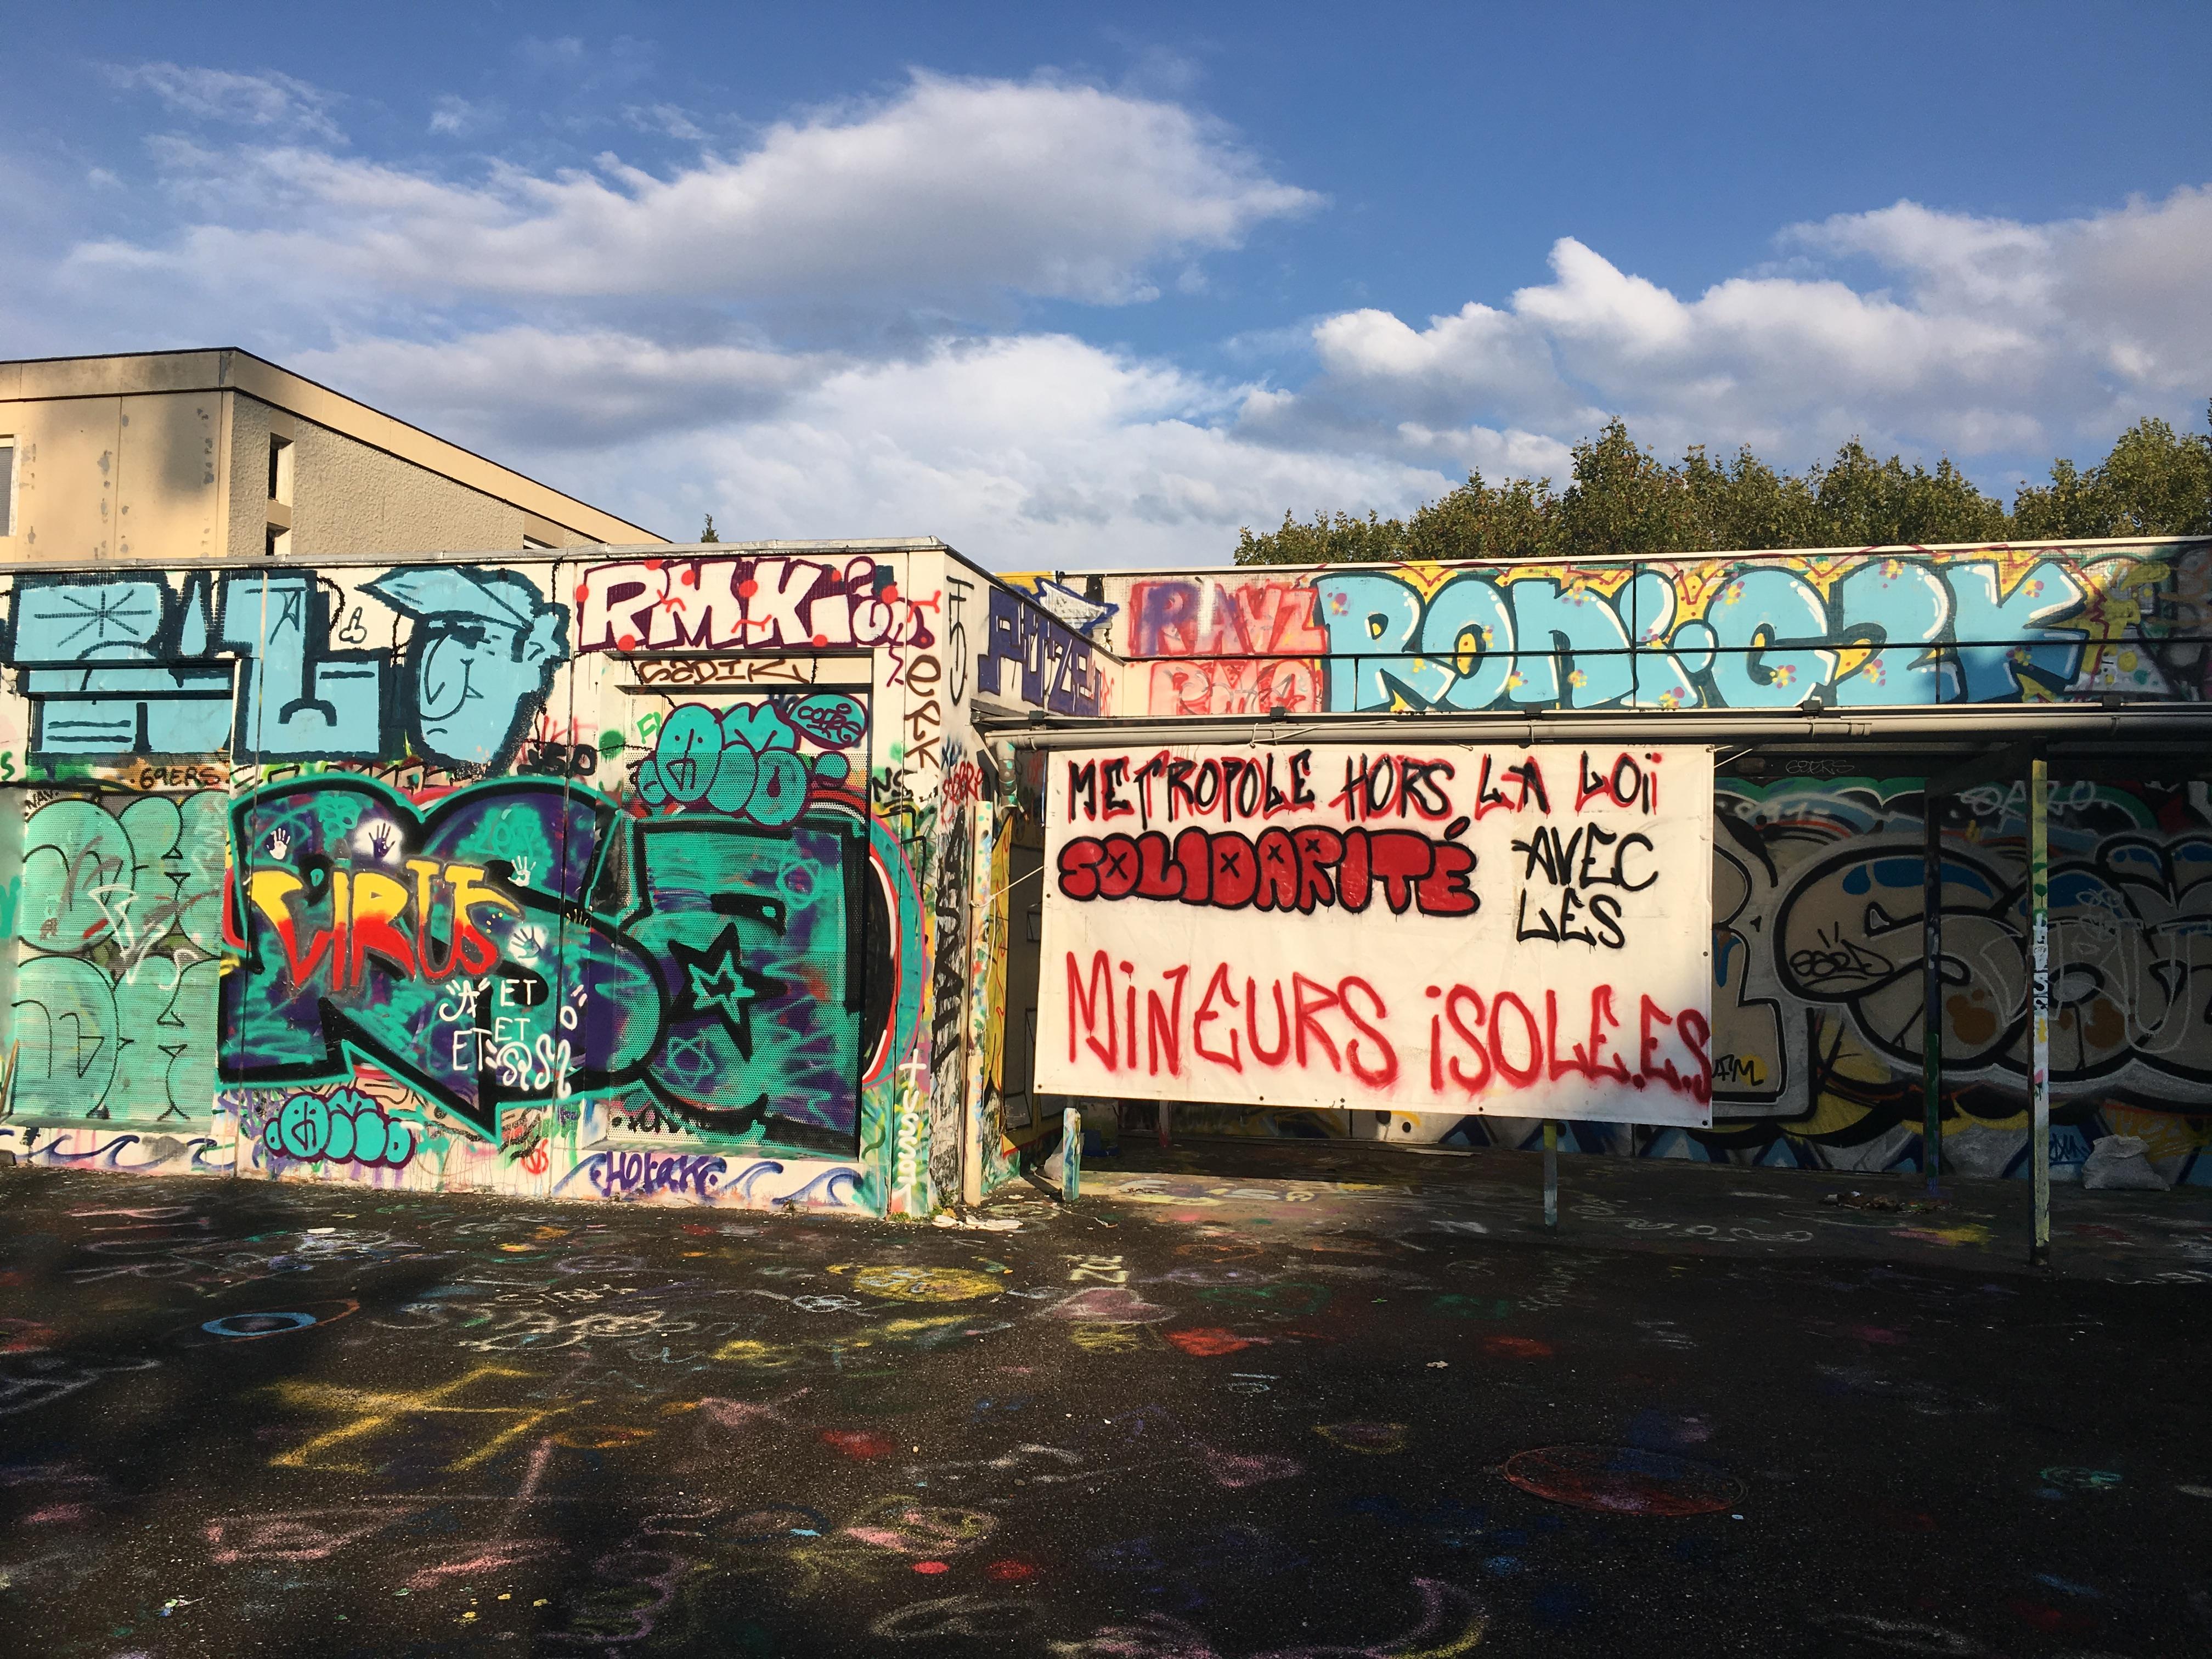 À Croix Rousse, un nouveau squat pour des mineurs isolés en situation migratoire.